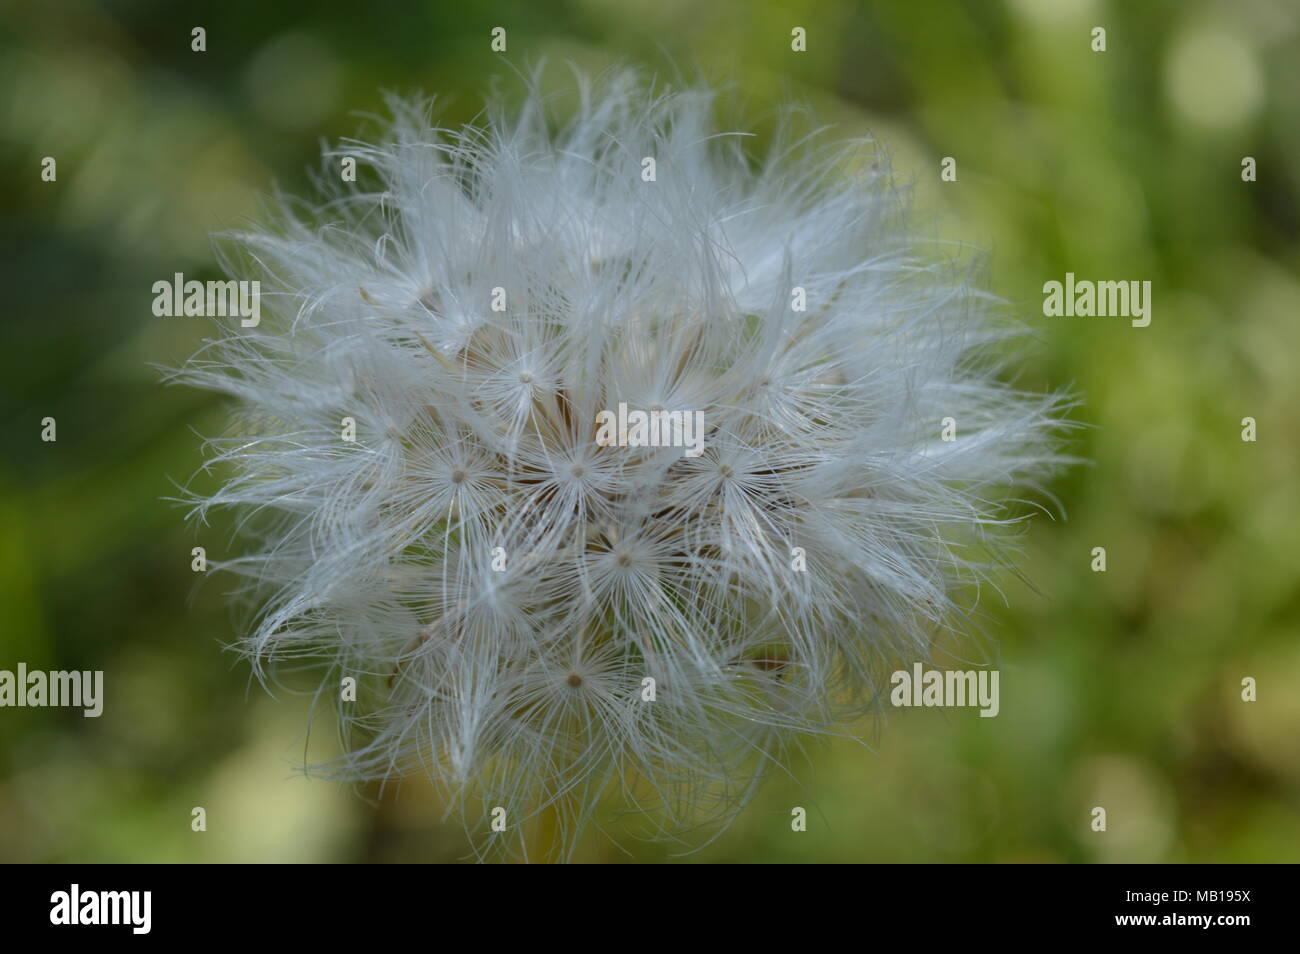 Fluffy dandelion-type flower - Stock Image